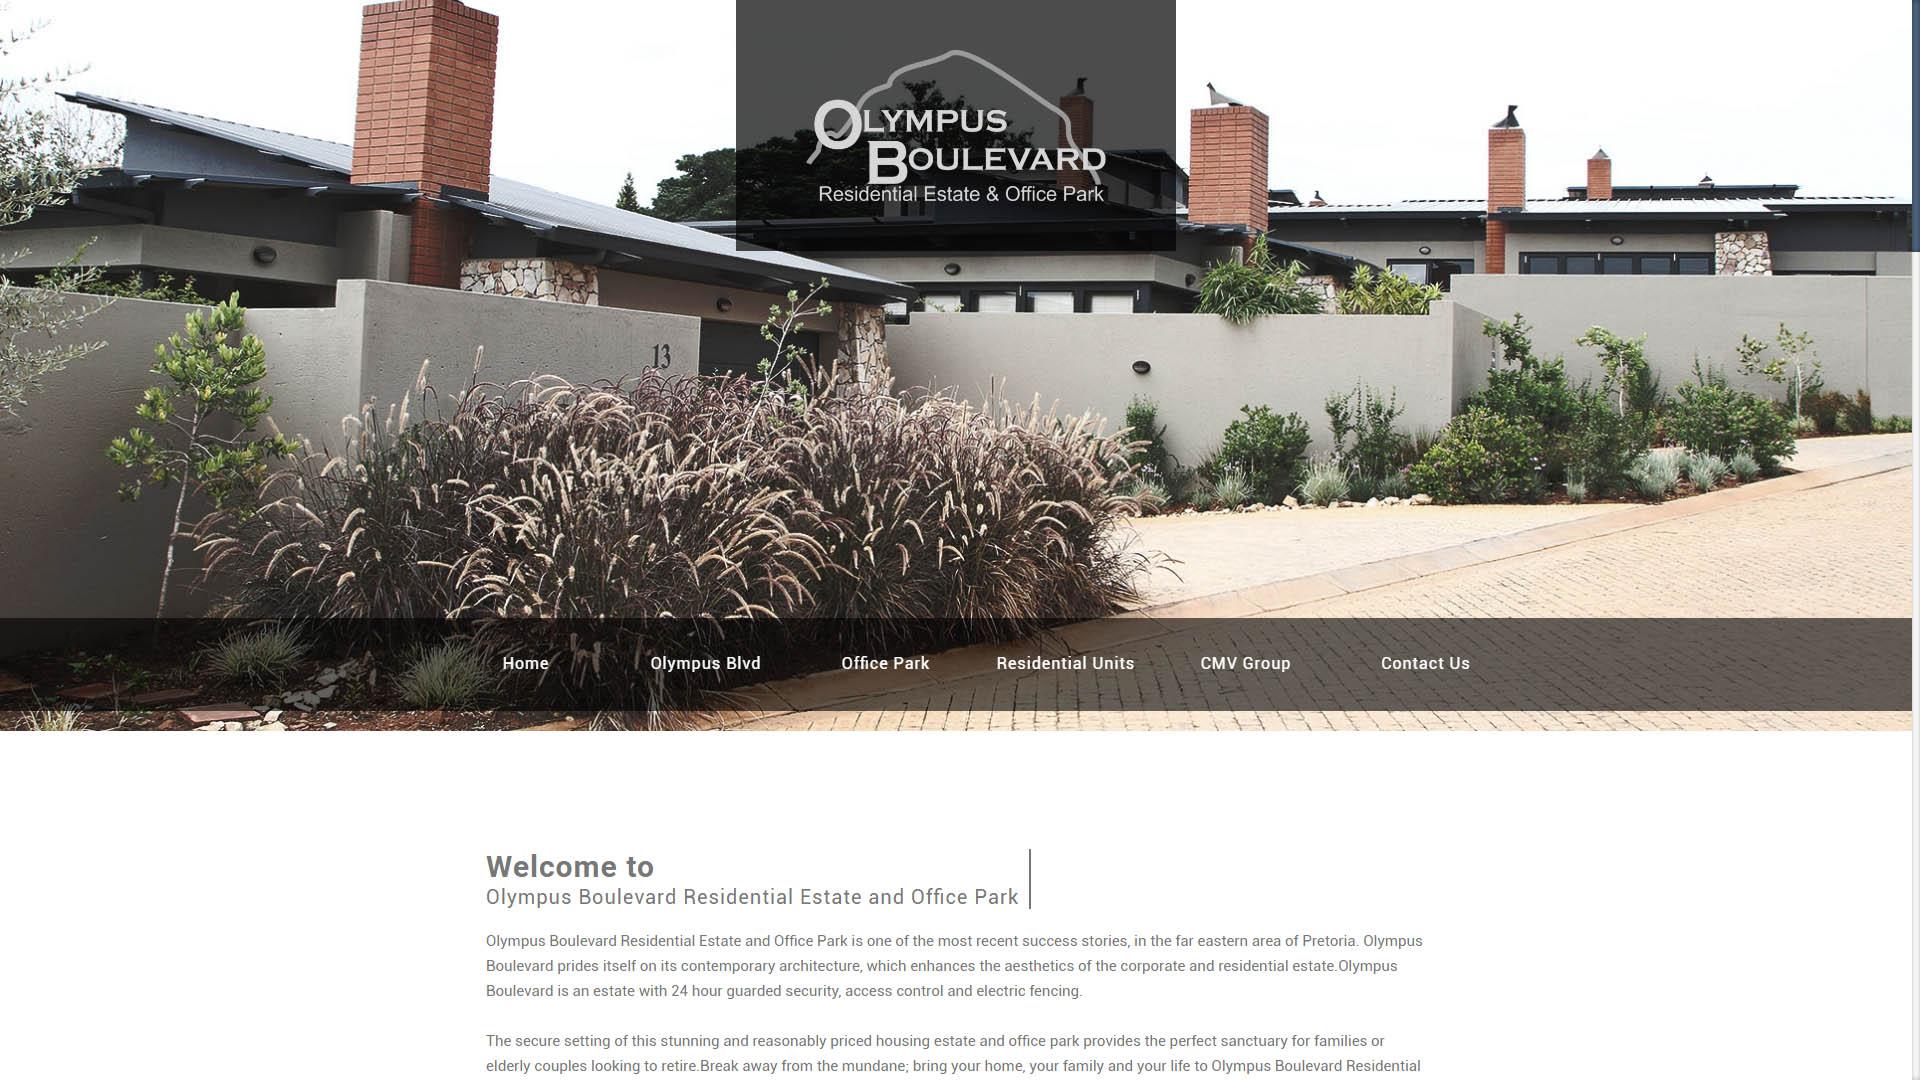 Olympus Boulevard Website